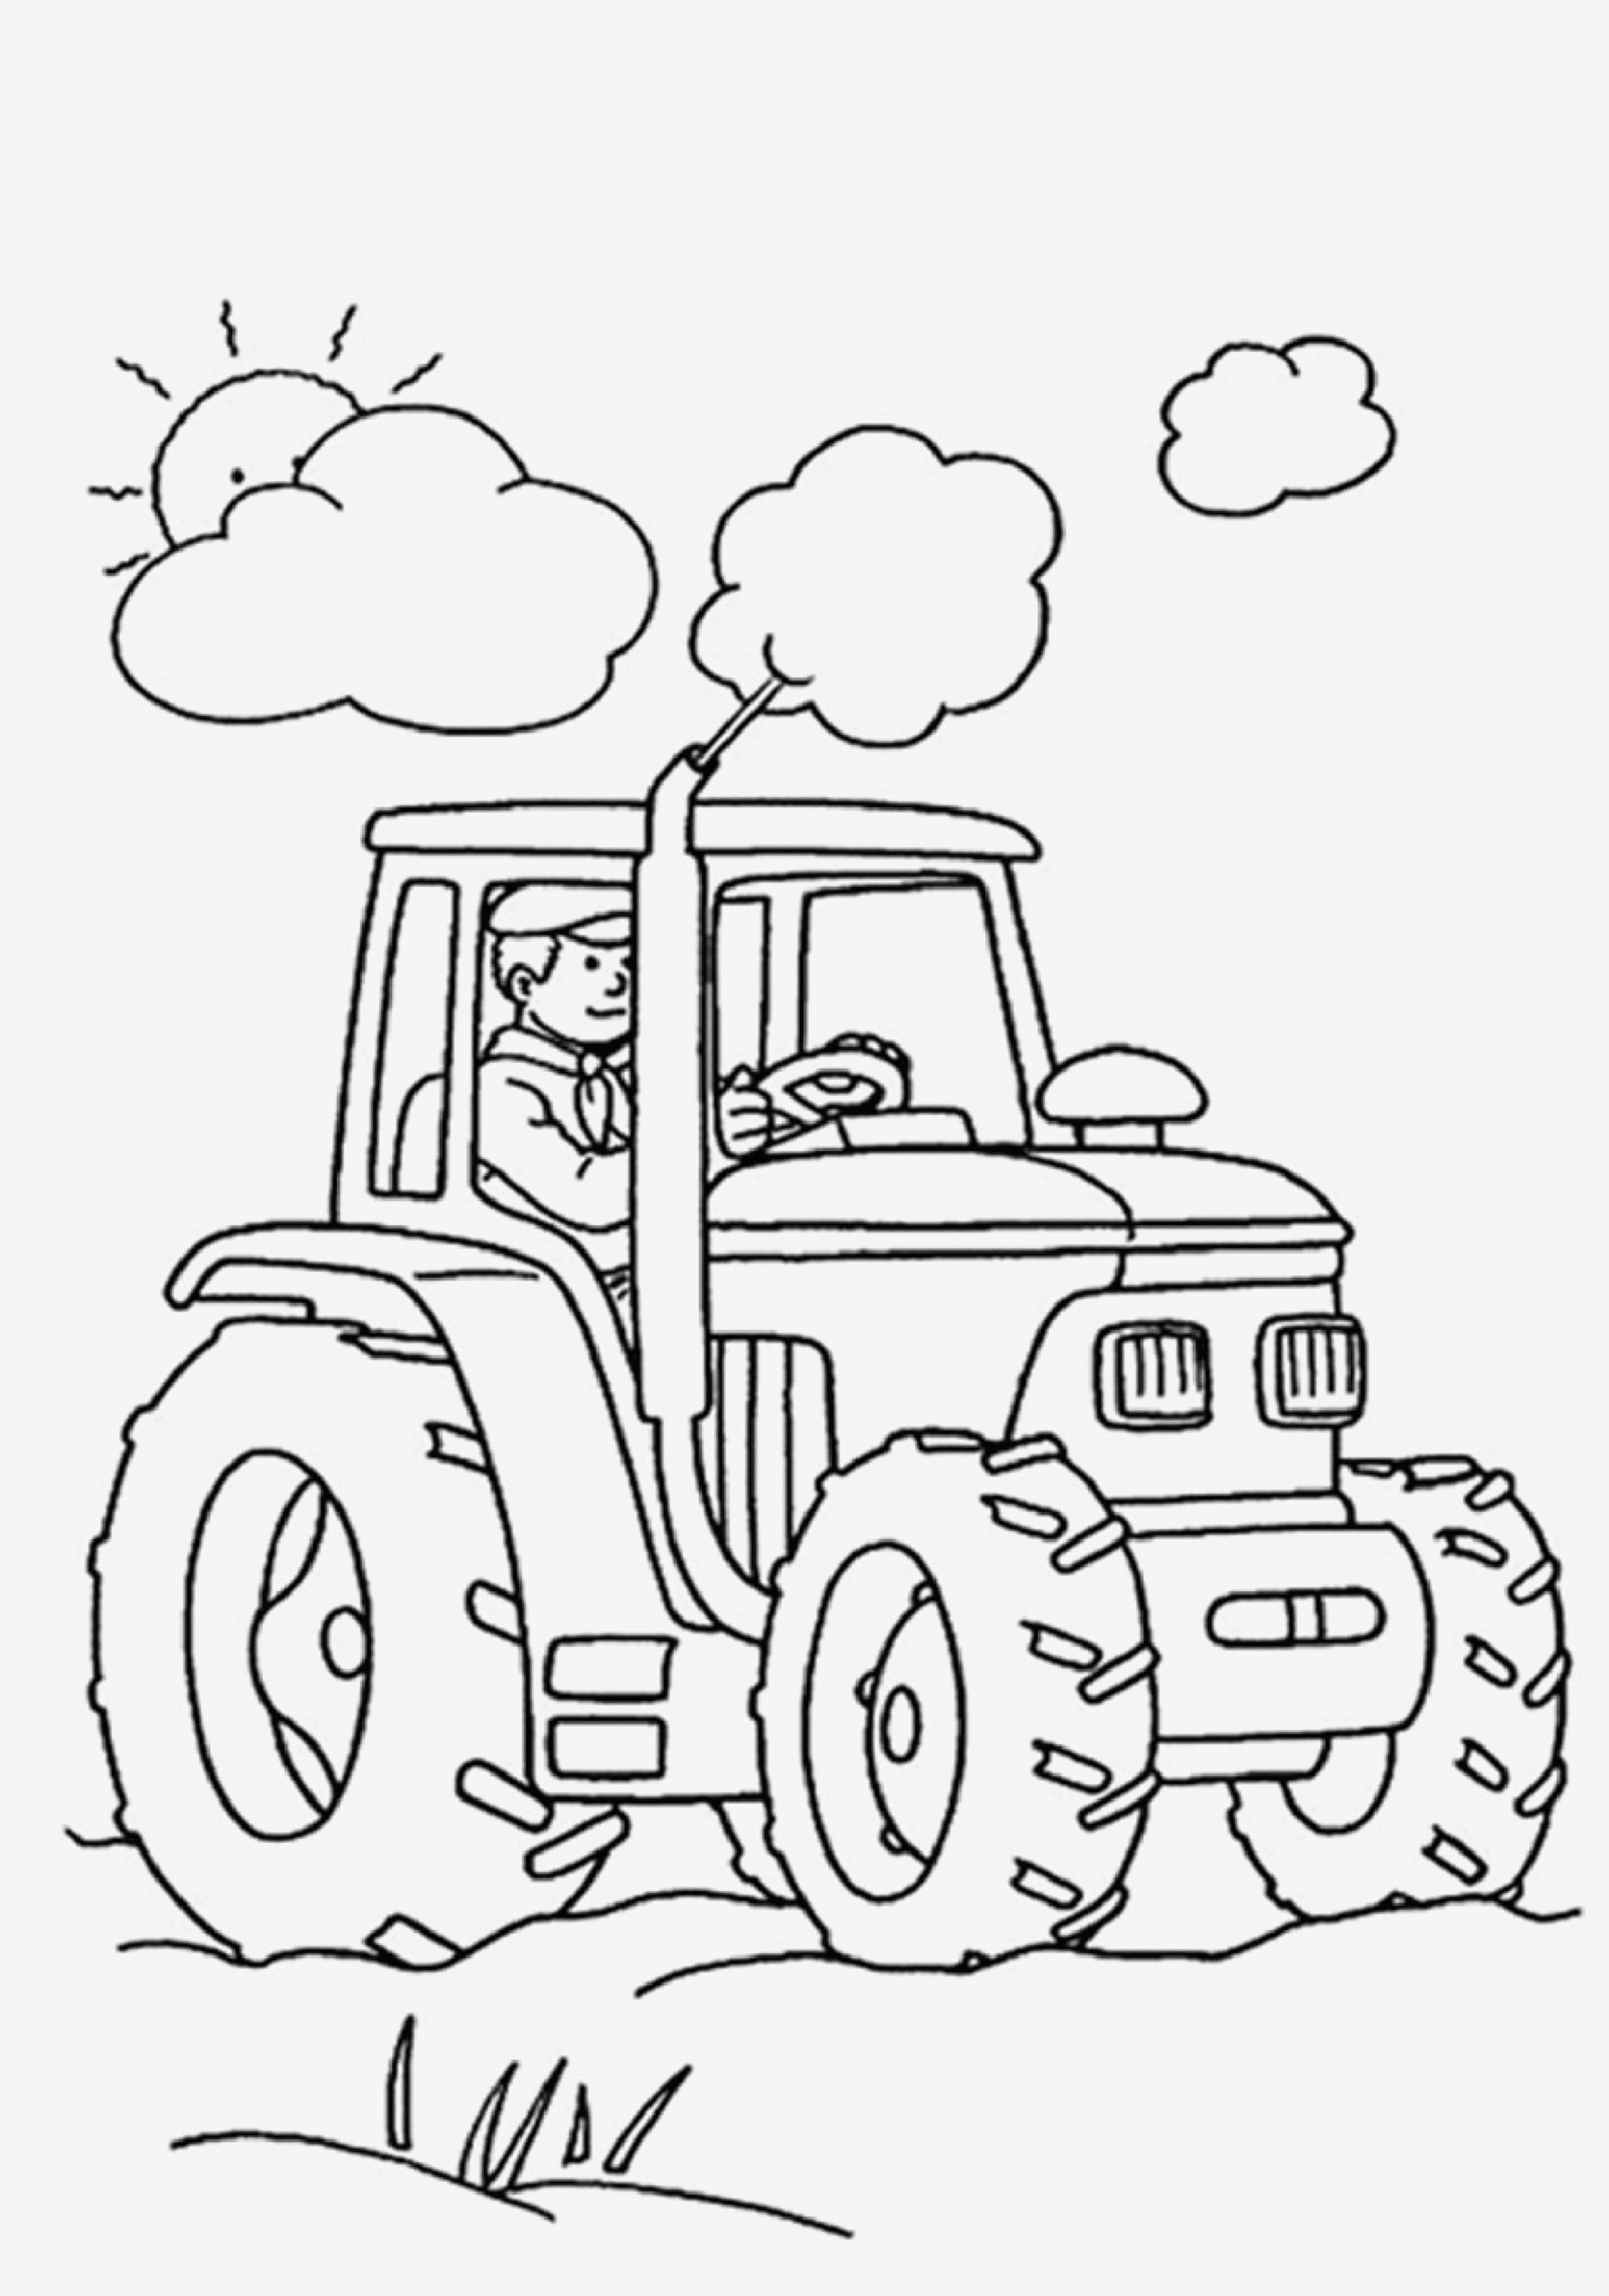 Traktor Bilder Zum Ausmalen Frisch Beispielbilder Färben Traktor Ausmalbilder Bild